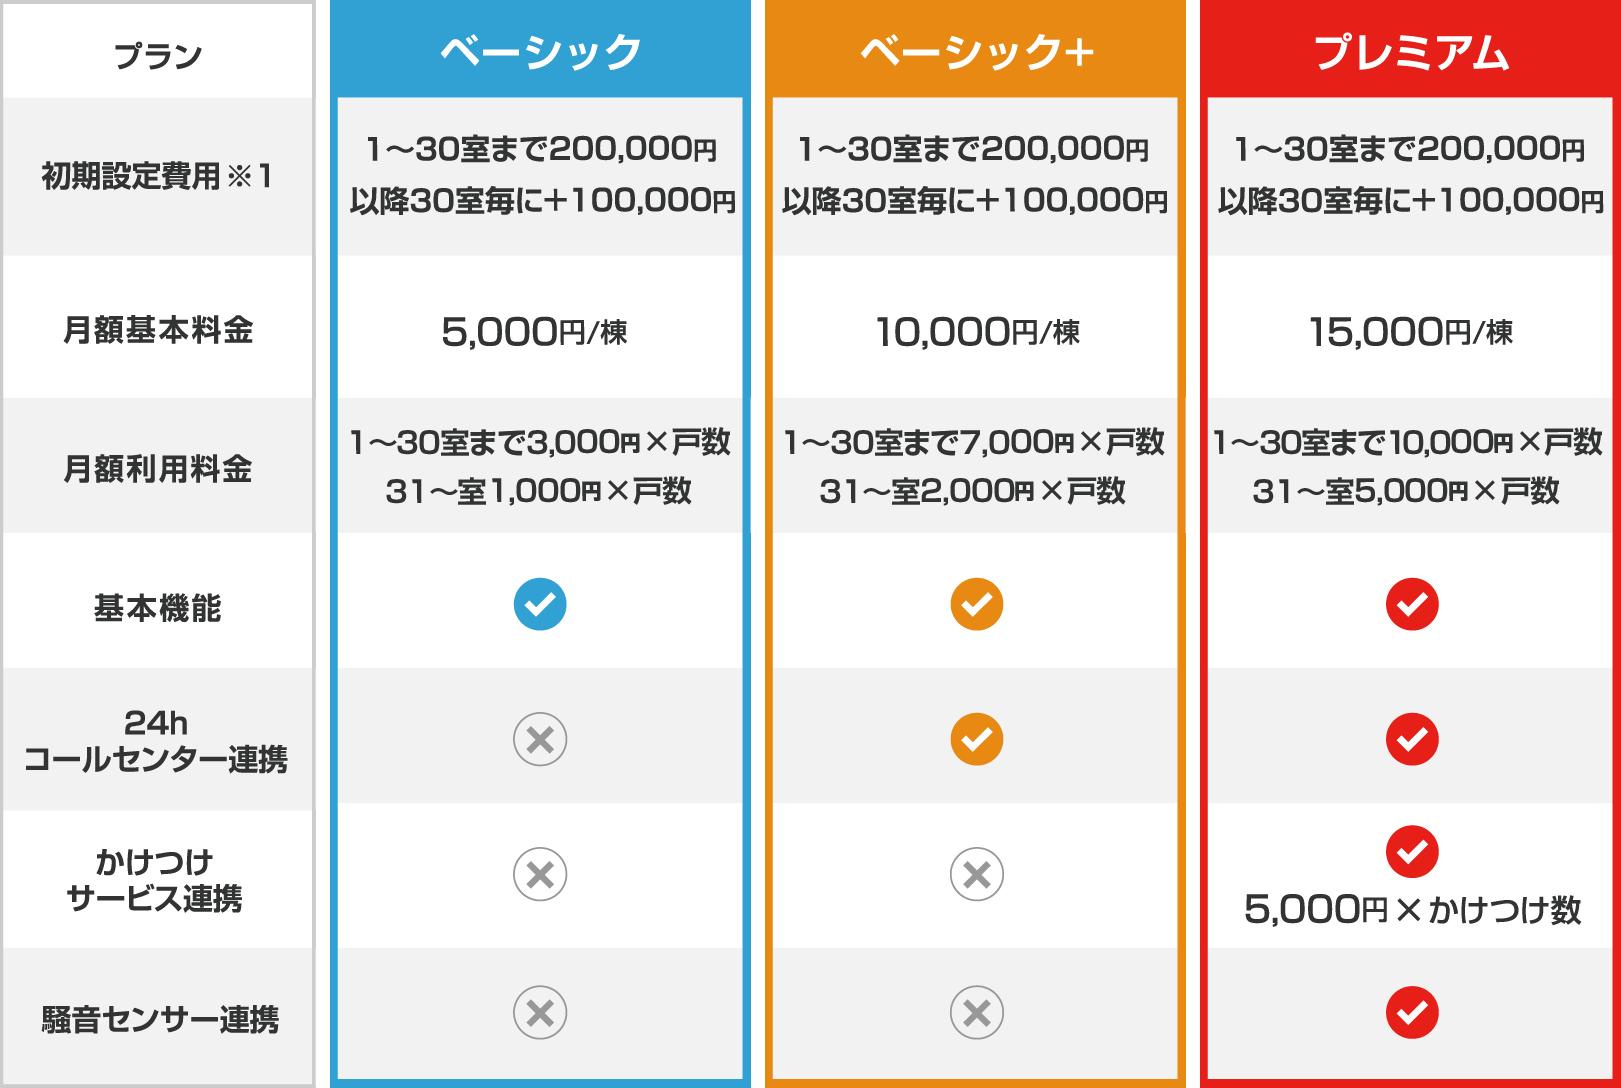 プラン 月額基本料金 ベーシック 5,000 円/棟 ベーシック+ 10,000 円/棟 プレミアム 15,000 円/棟